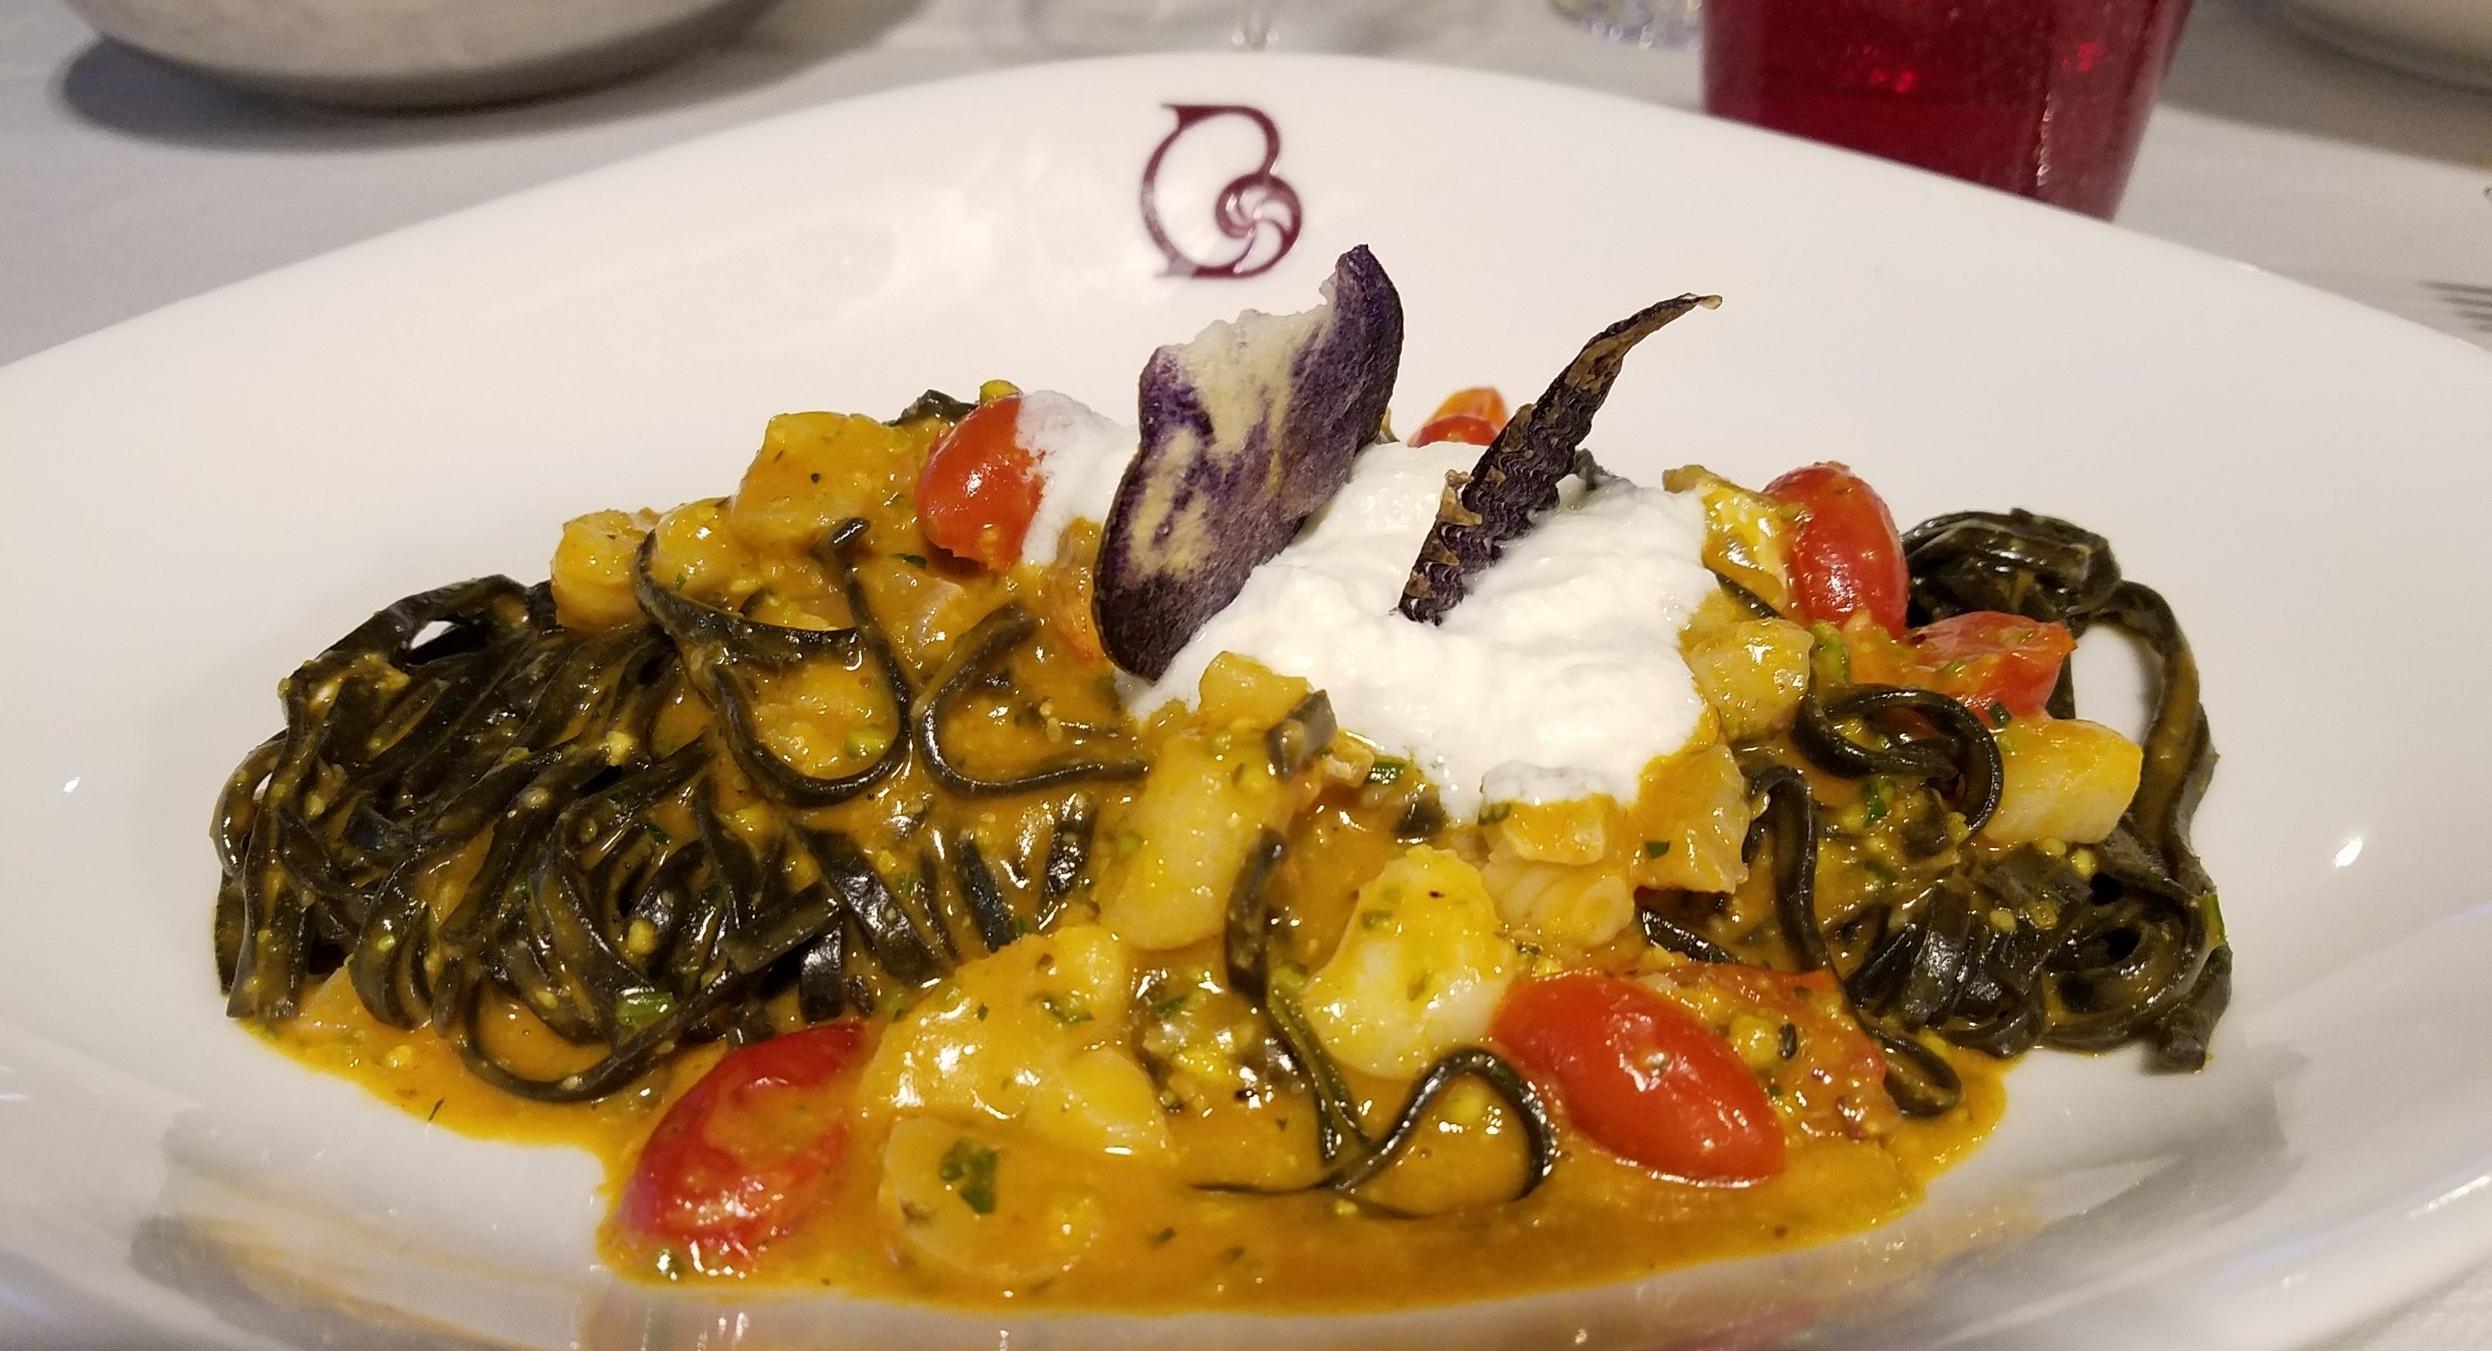 Squid ink pasta with scorpion fish